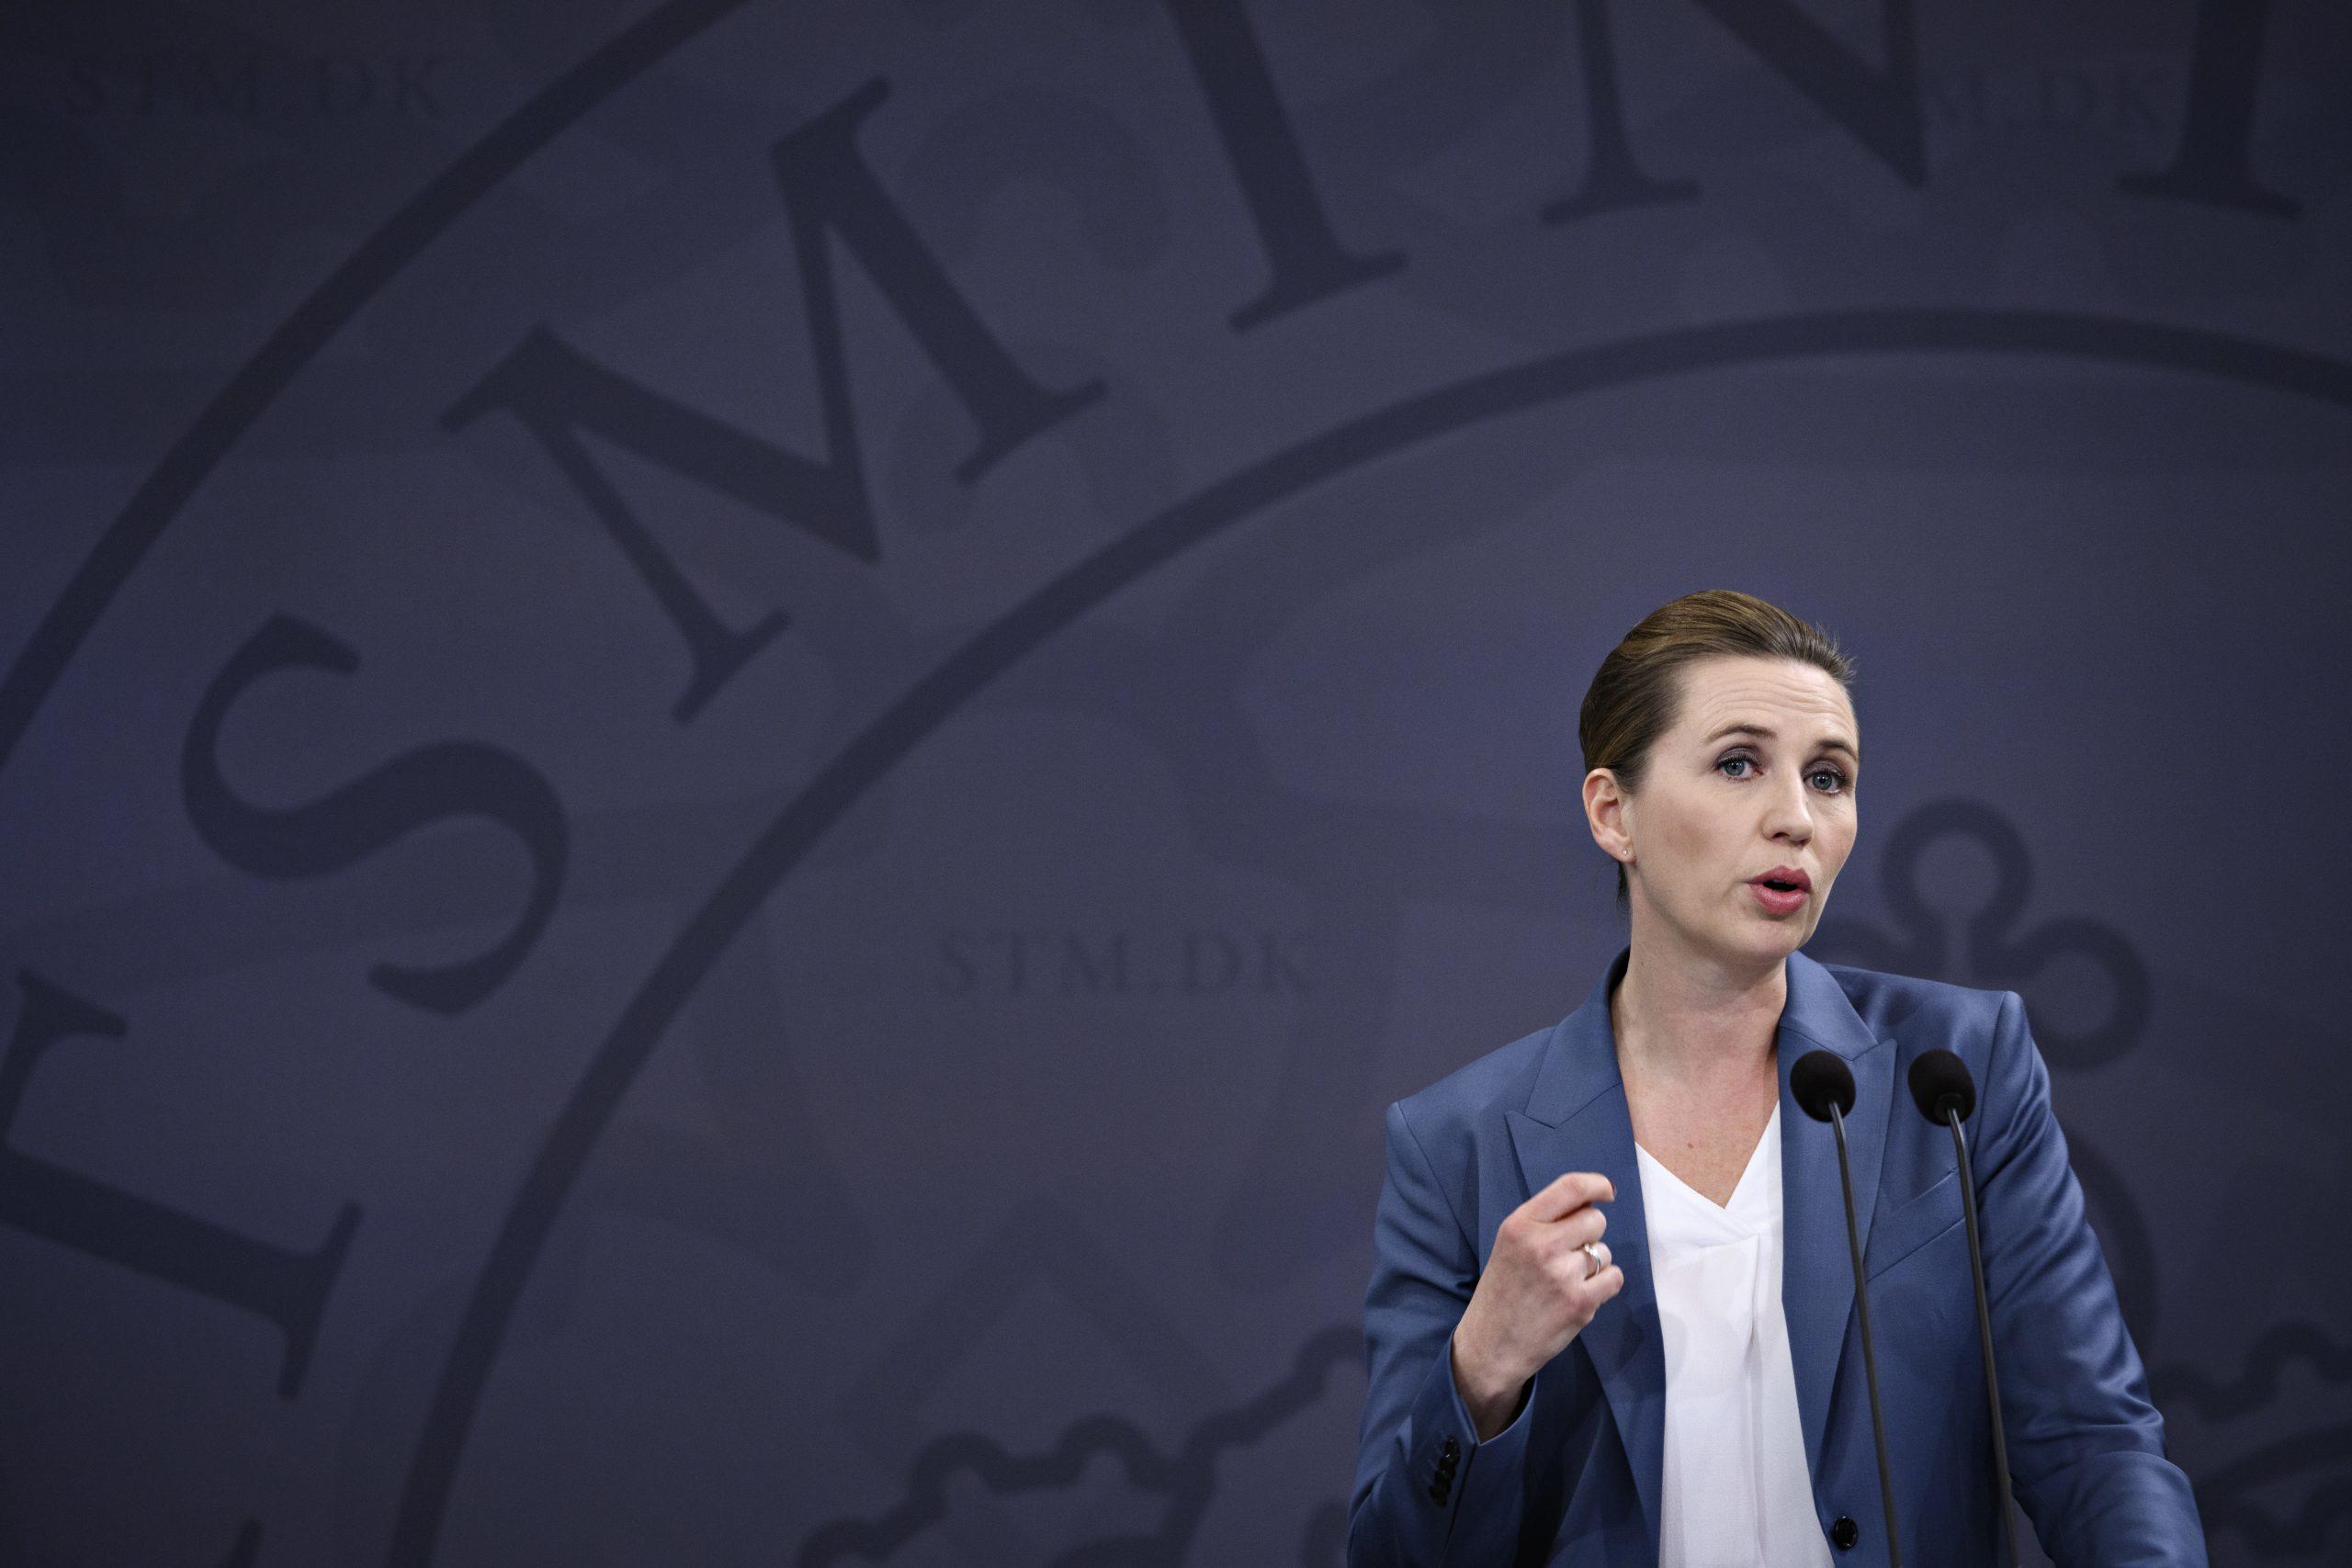 """<span class=""""rodt"""">Skarp kritik af Mette Frederiksens pressemøde: </span>Hun spildte vores tid"""